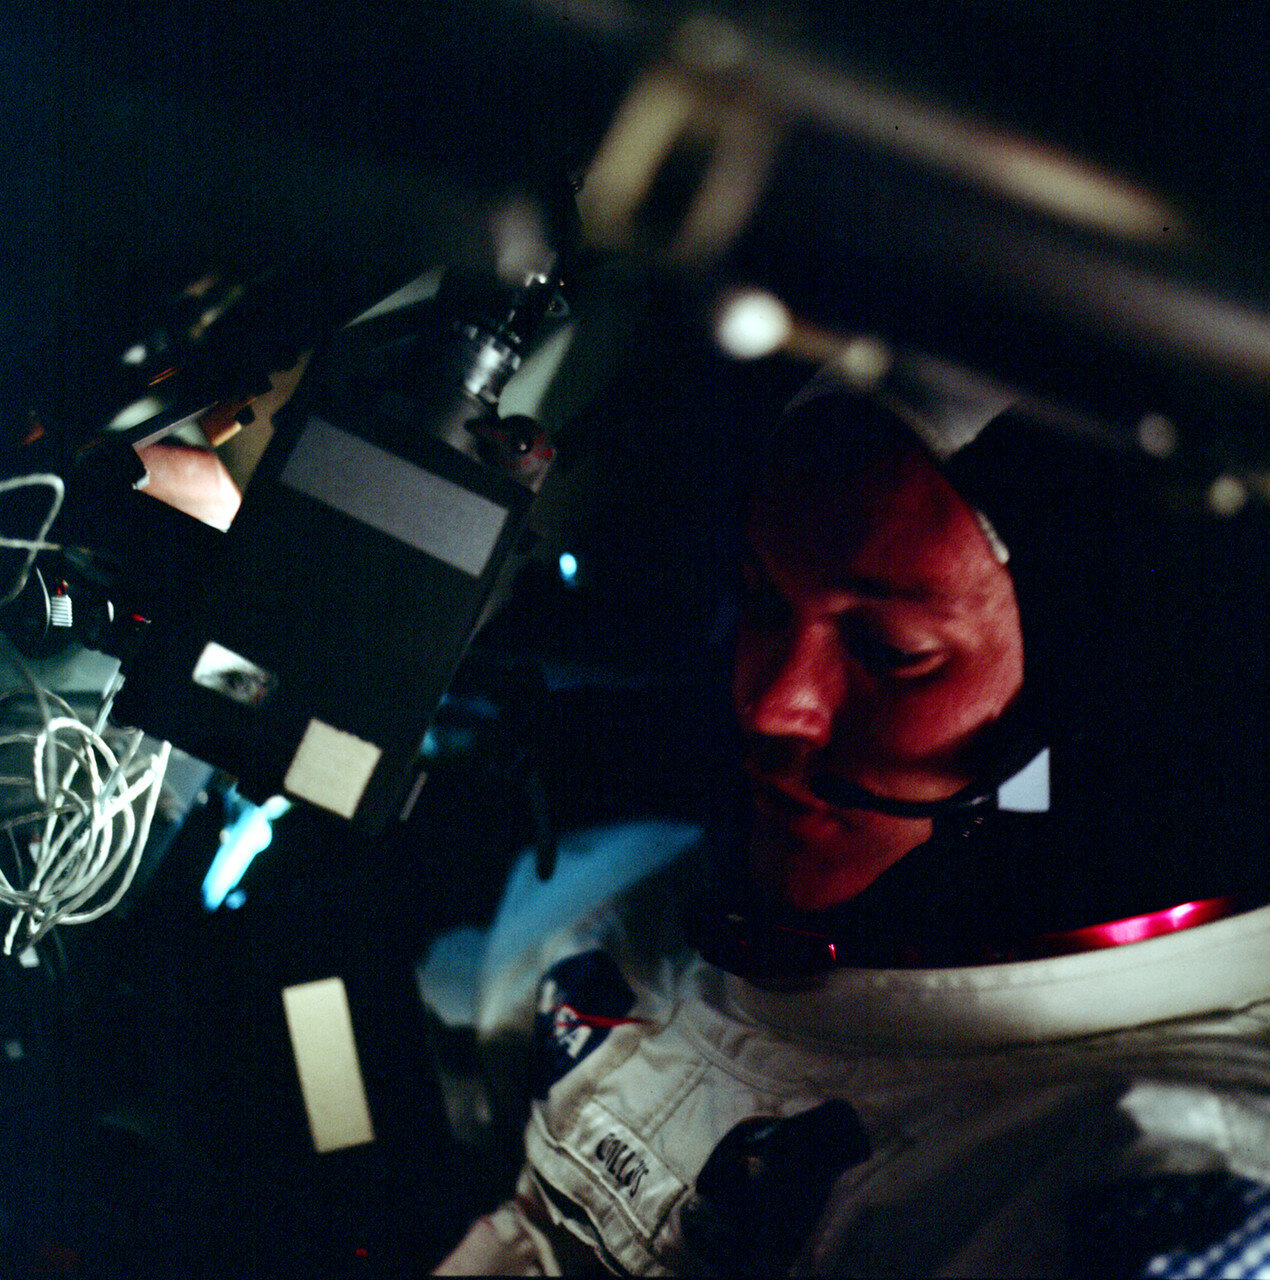 1969. В этот же день, по предложению Армстронга, с борта корабля была проведена первая незапланированная телетрансляция, которая записывалась на станции дальней космической связи Голдстоун, в Калифорнии, и затем была ретранслирована в ЦУП в Хьюстоне